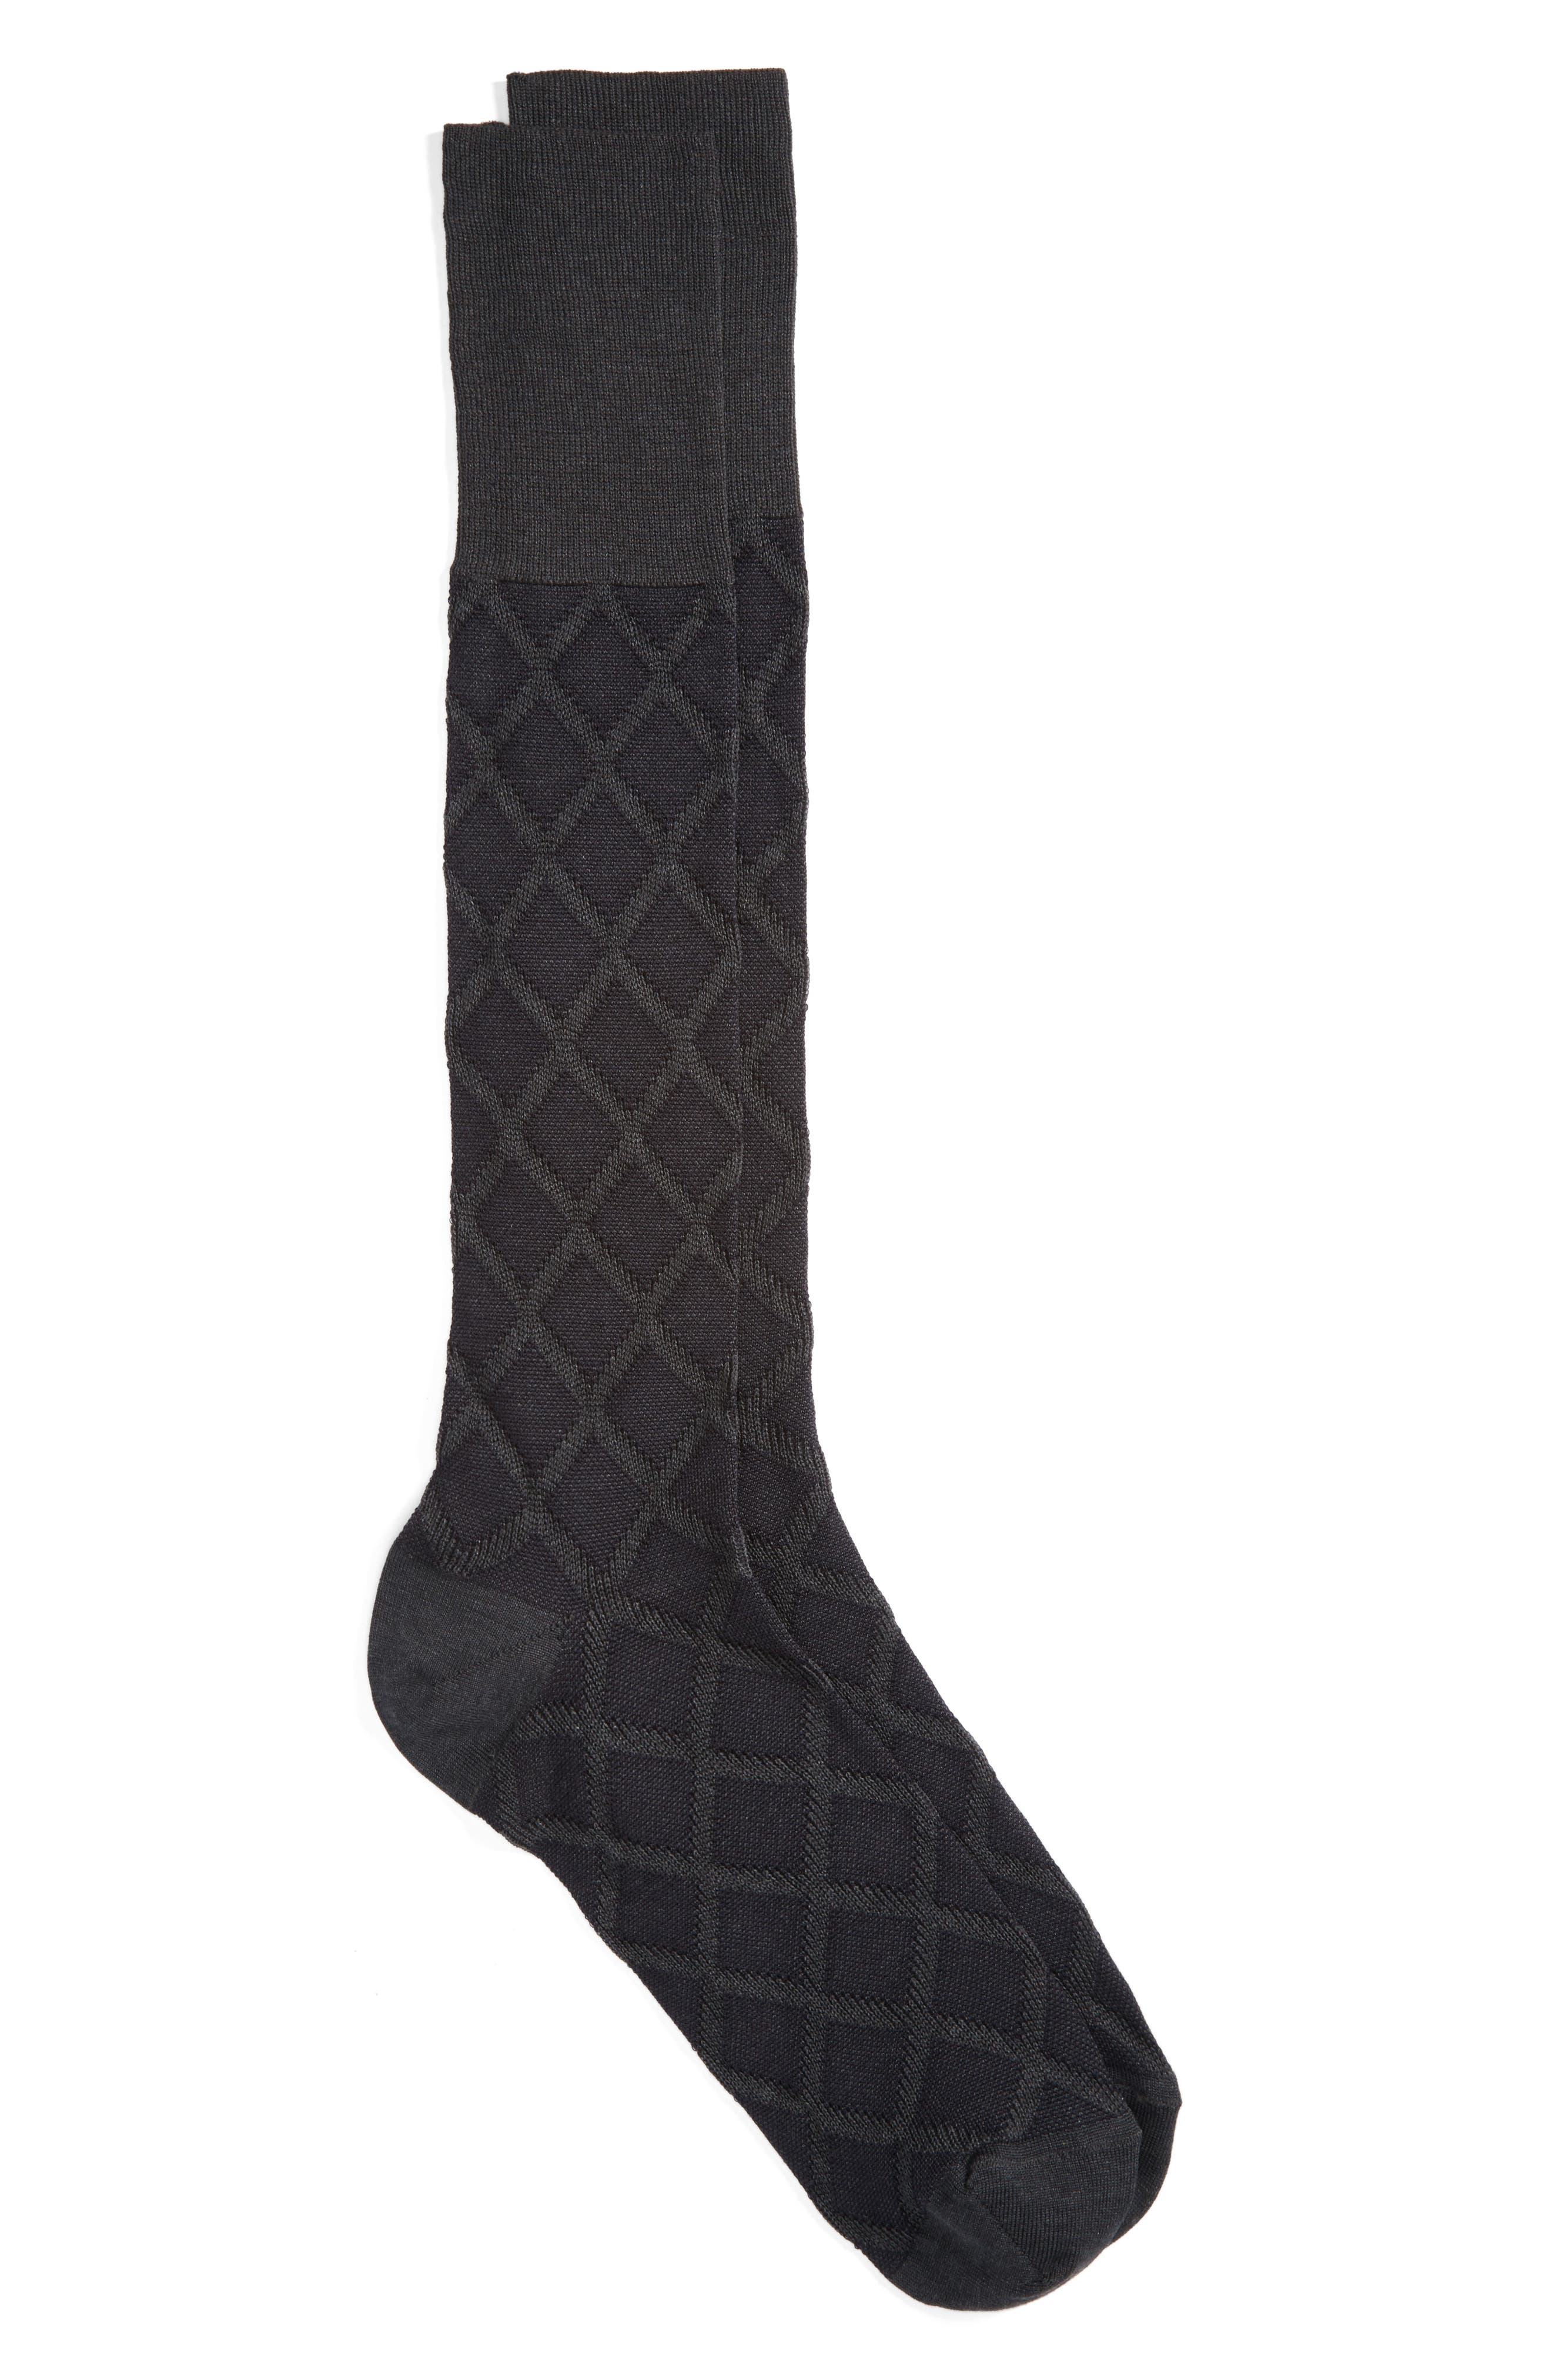 John W. Nordstrom® Over the Calf Diamond Socks